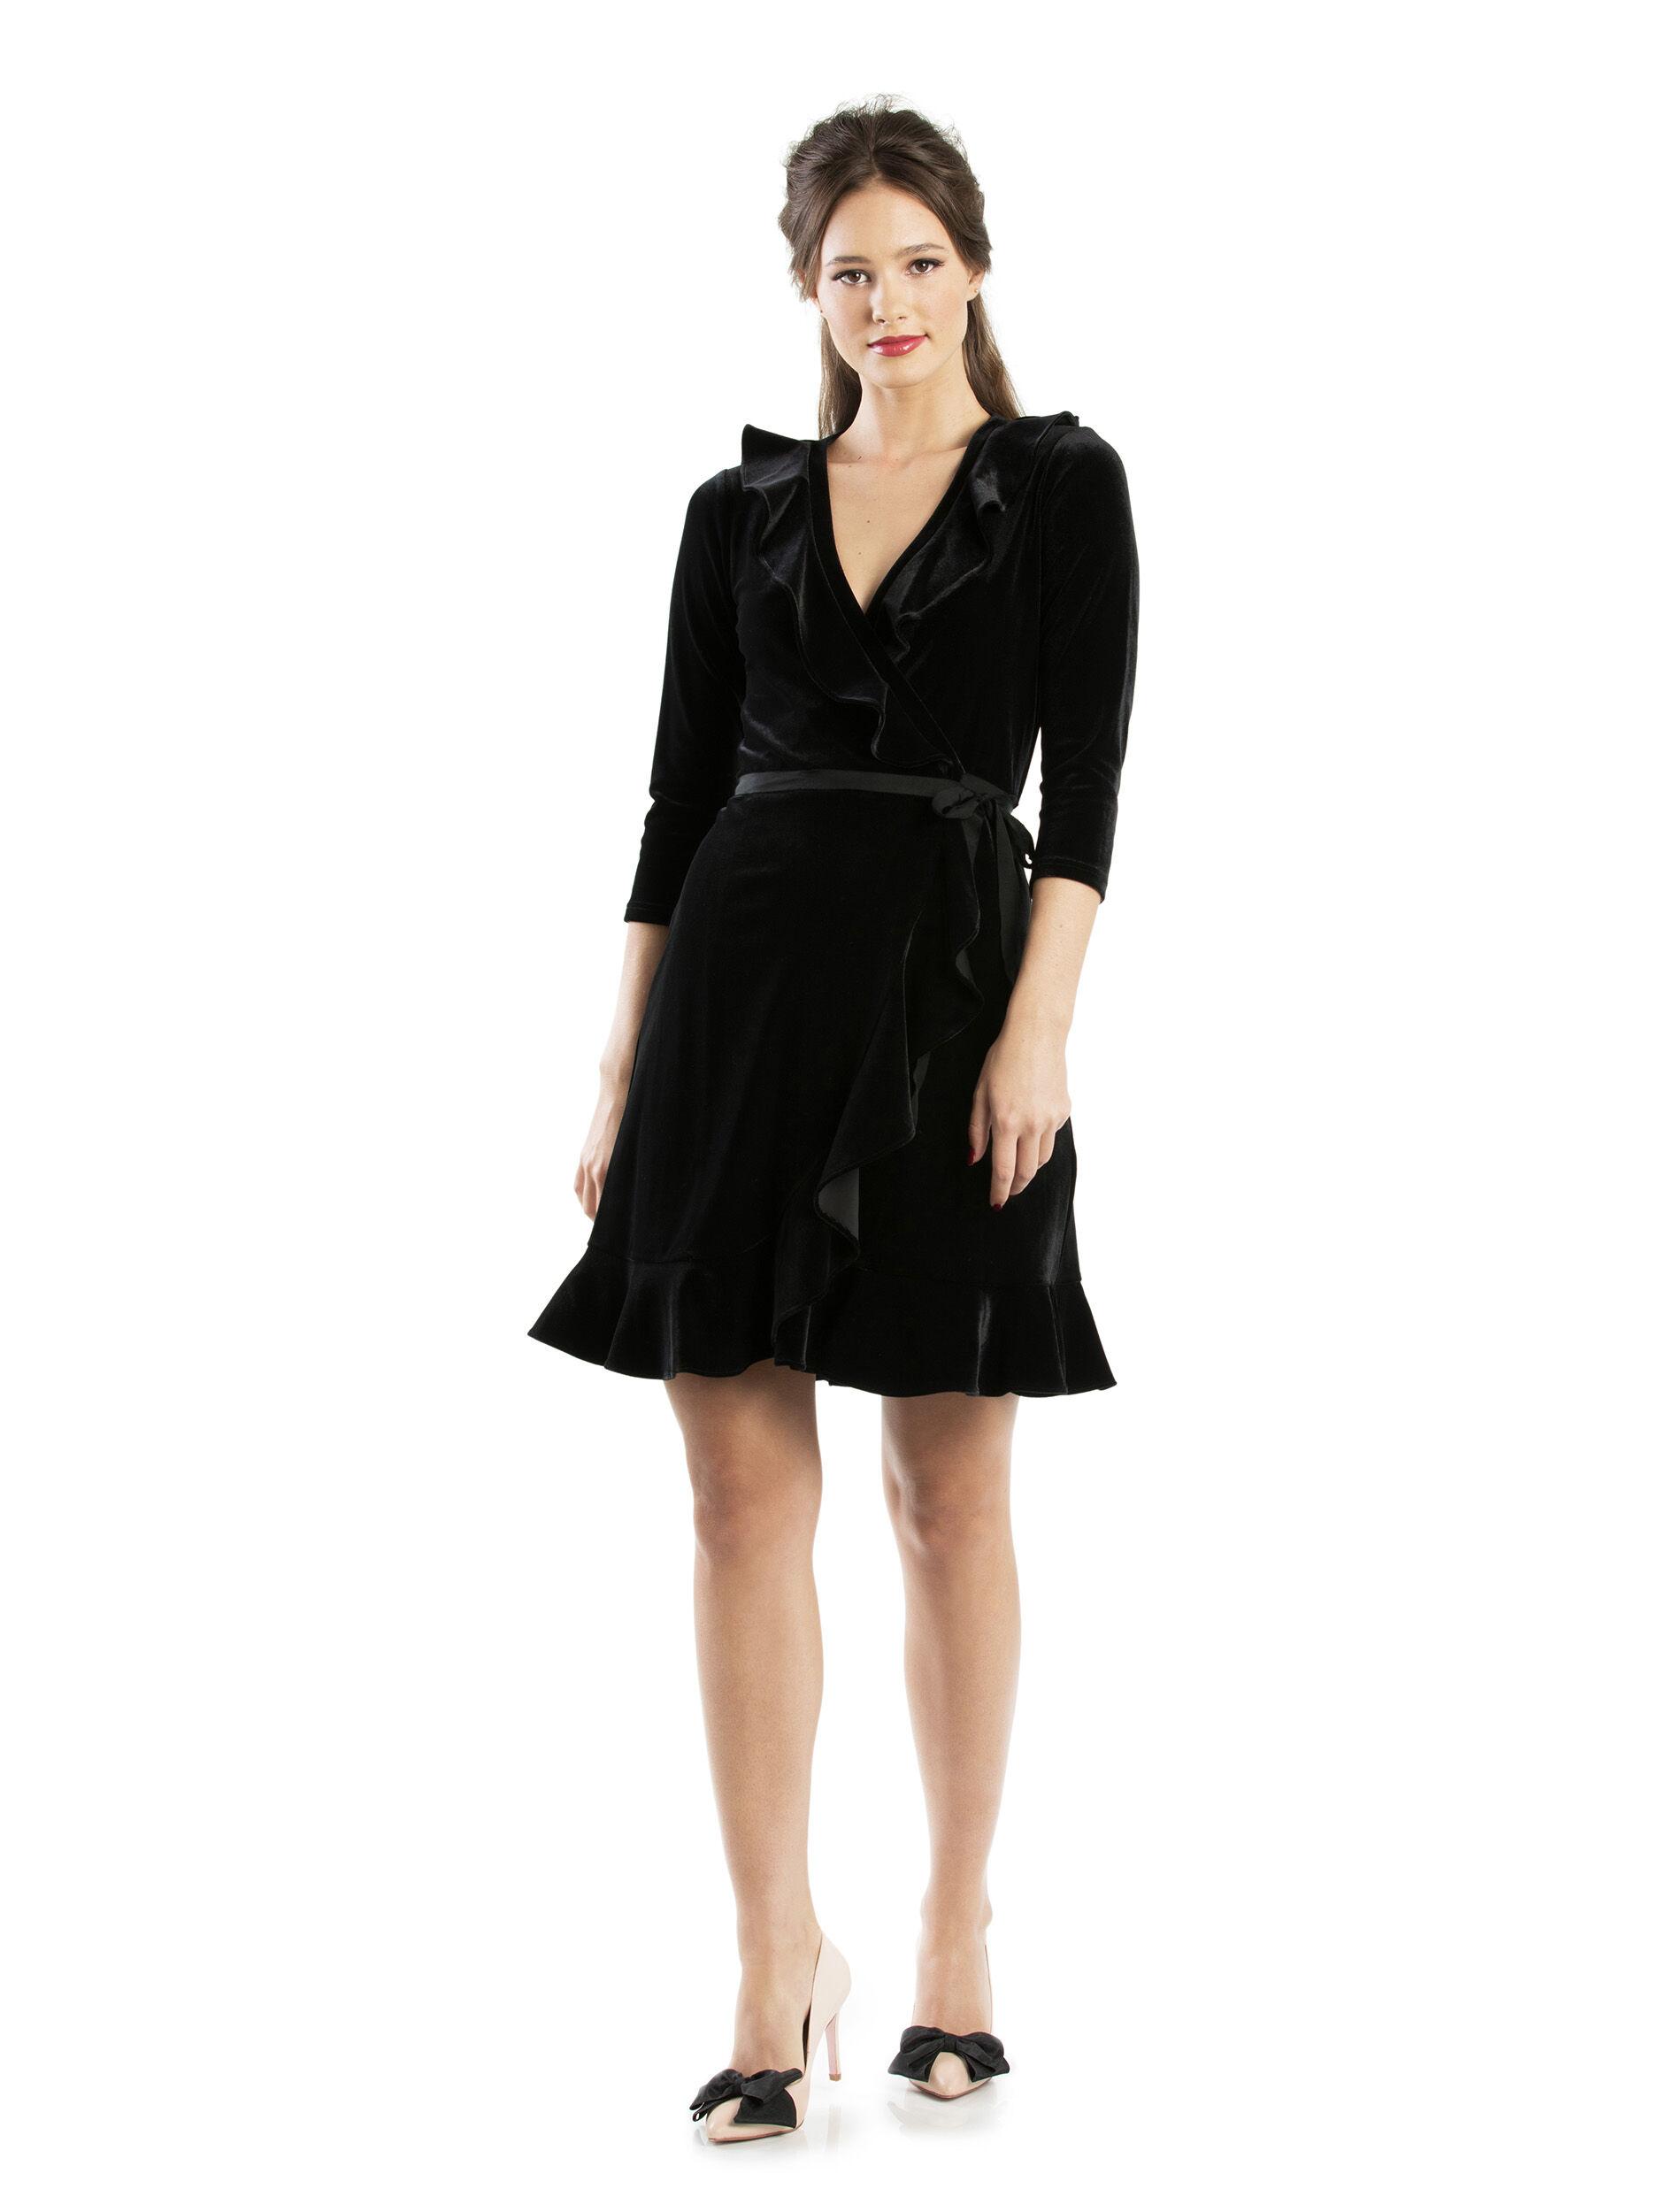 e98c7d4147c1 Images. Priscilla Wrap Dress